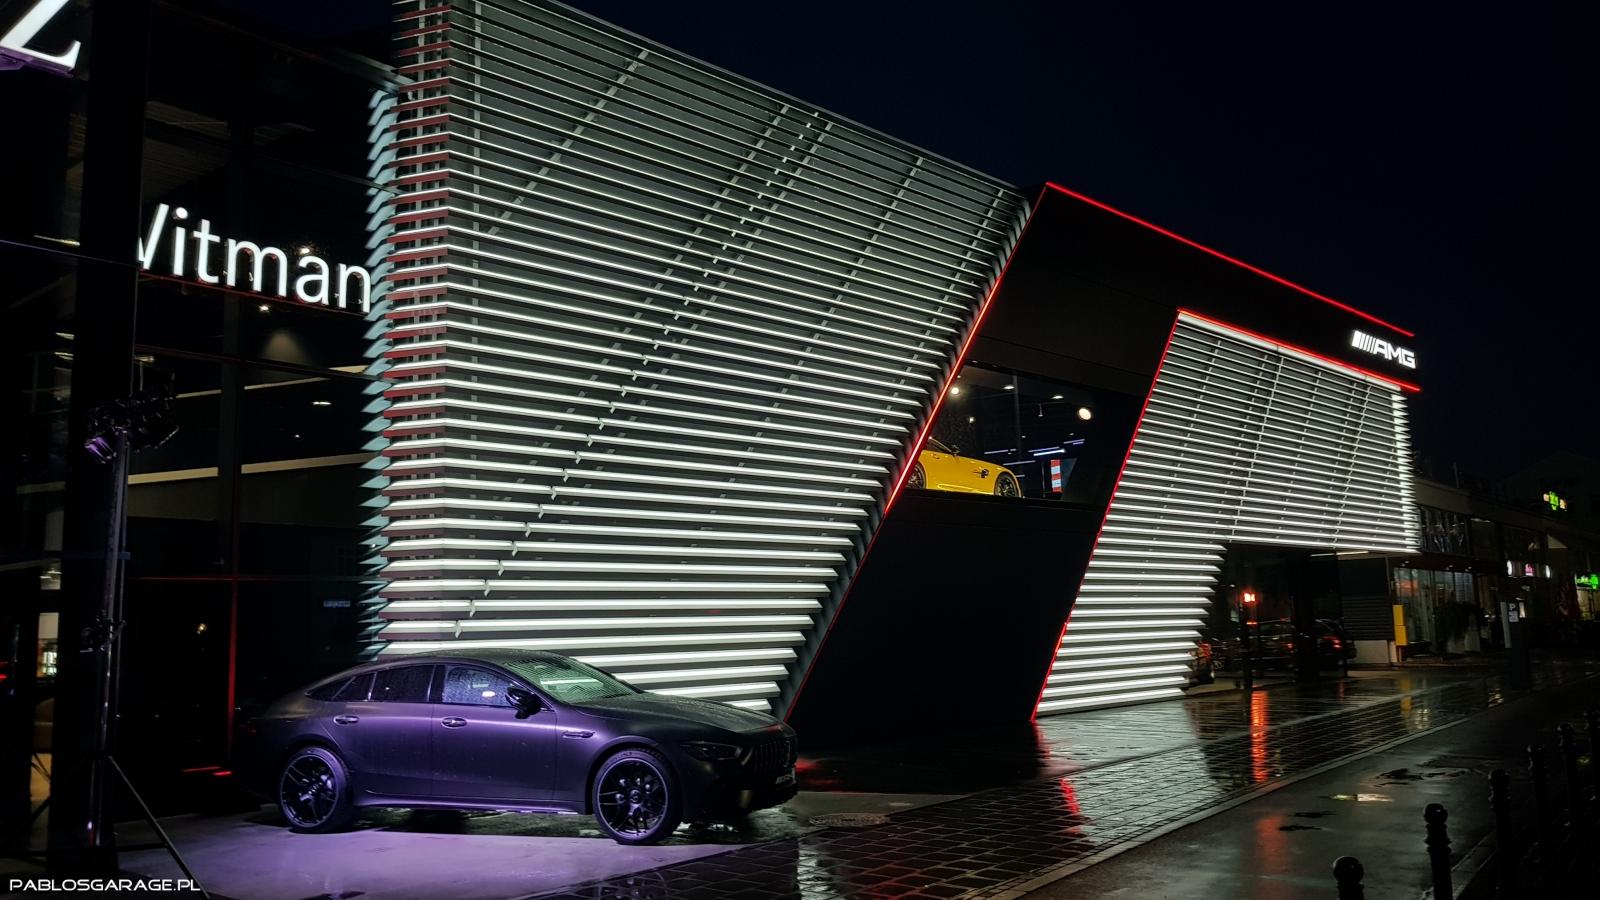 AMG Brand Center Gdańsk Mercedes Witman